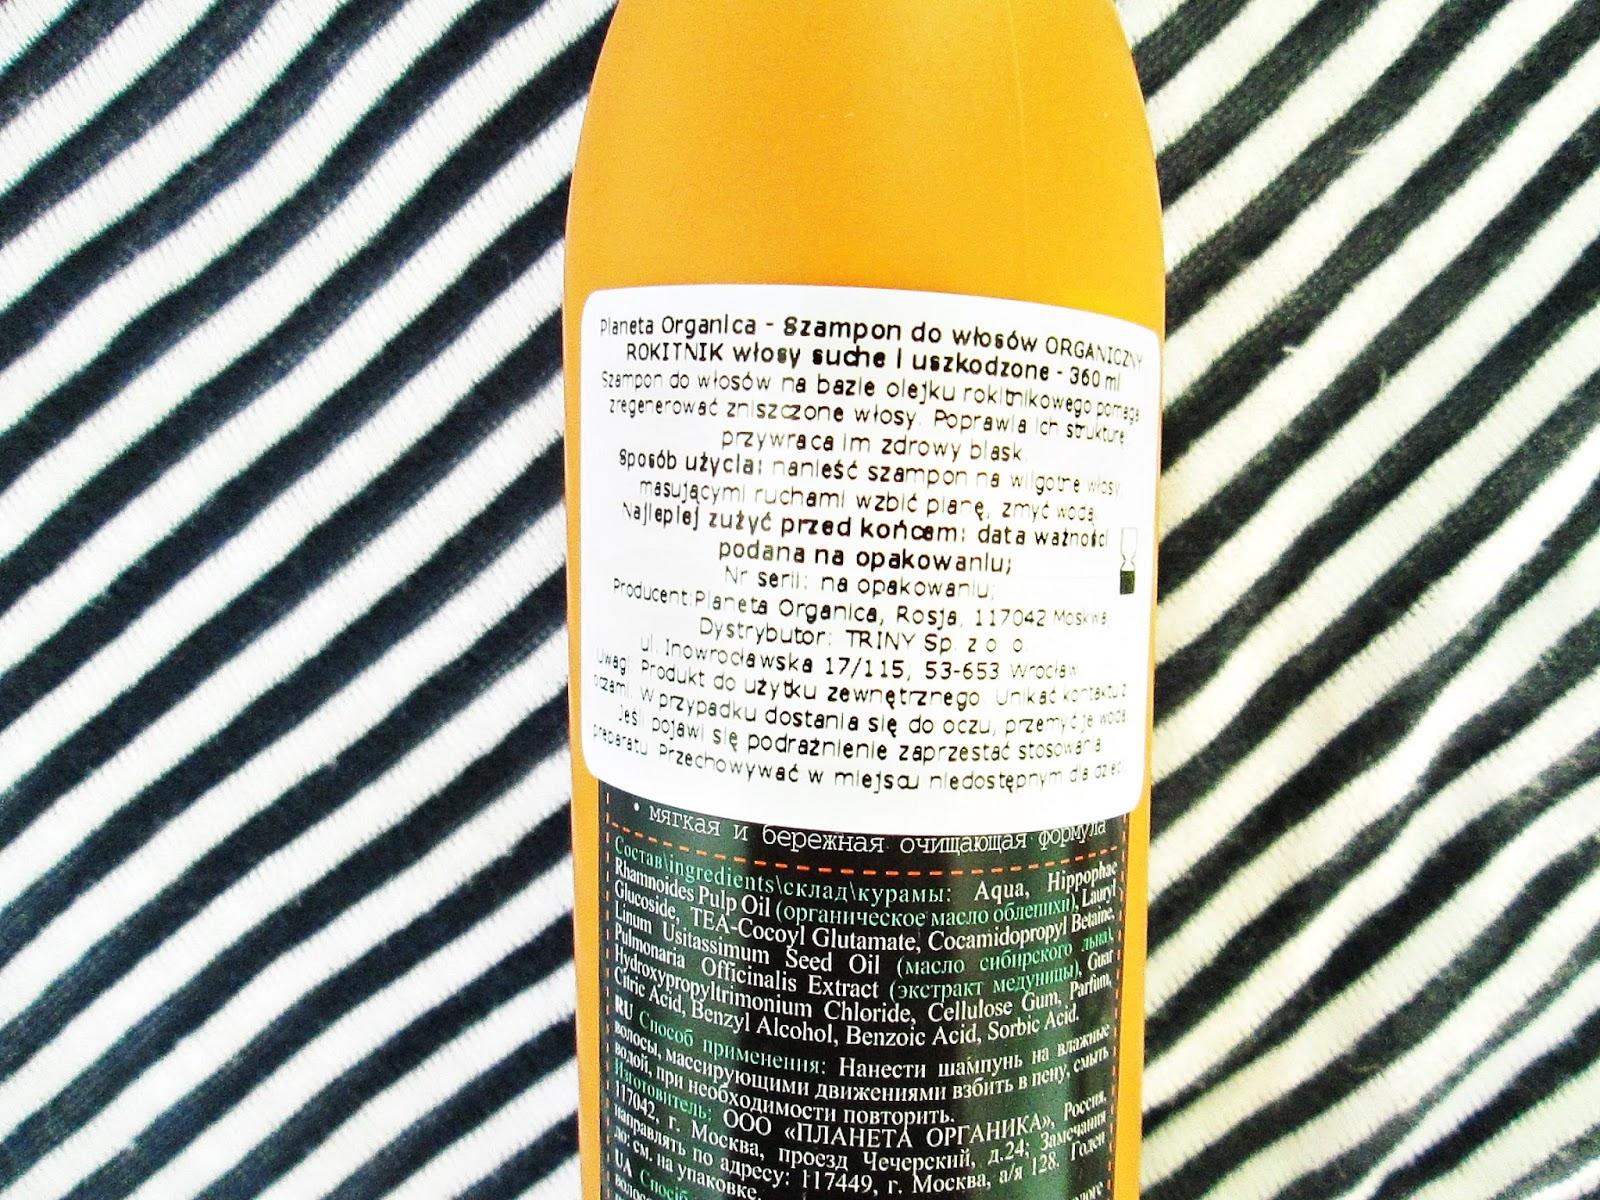 Planeta Organica rosyjski szampon z rokitnikiem